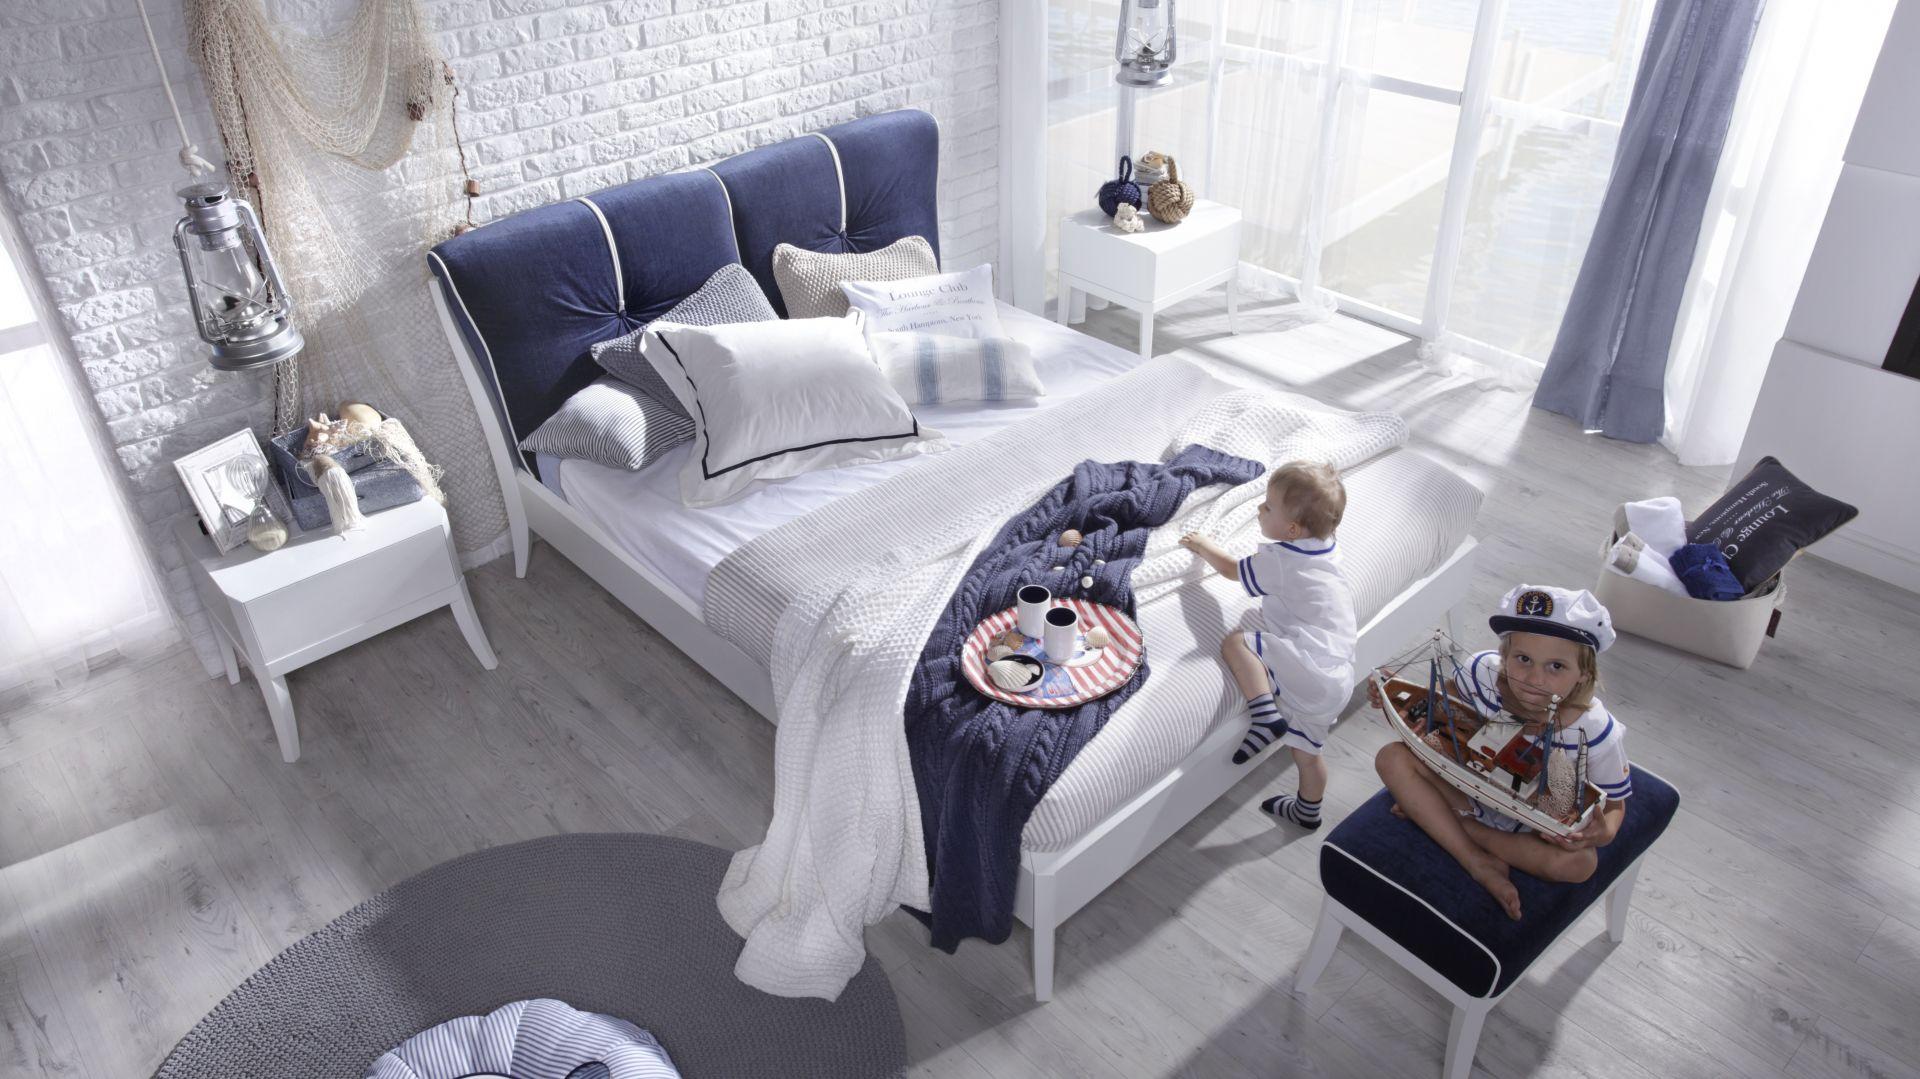 Łóżko Dream Luxury Marina pasuje do sypialni w marynistycznym stylu. Fot. Swarzędz Home